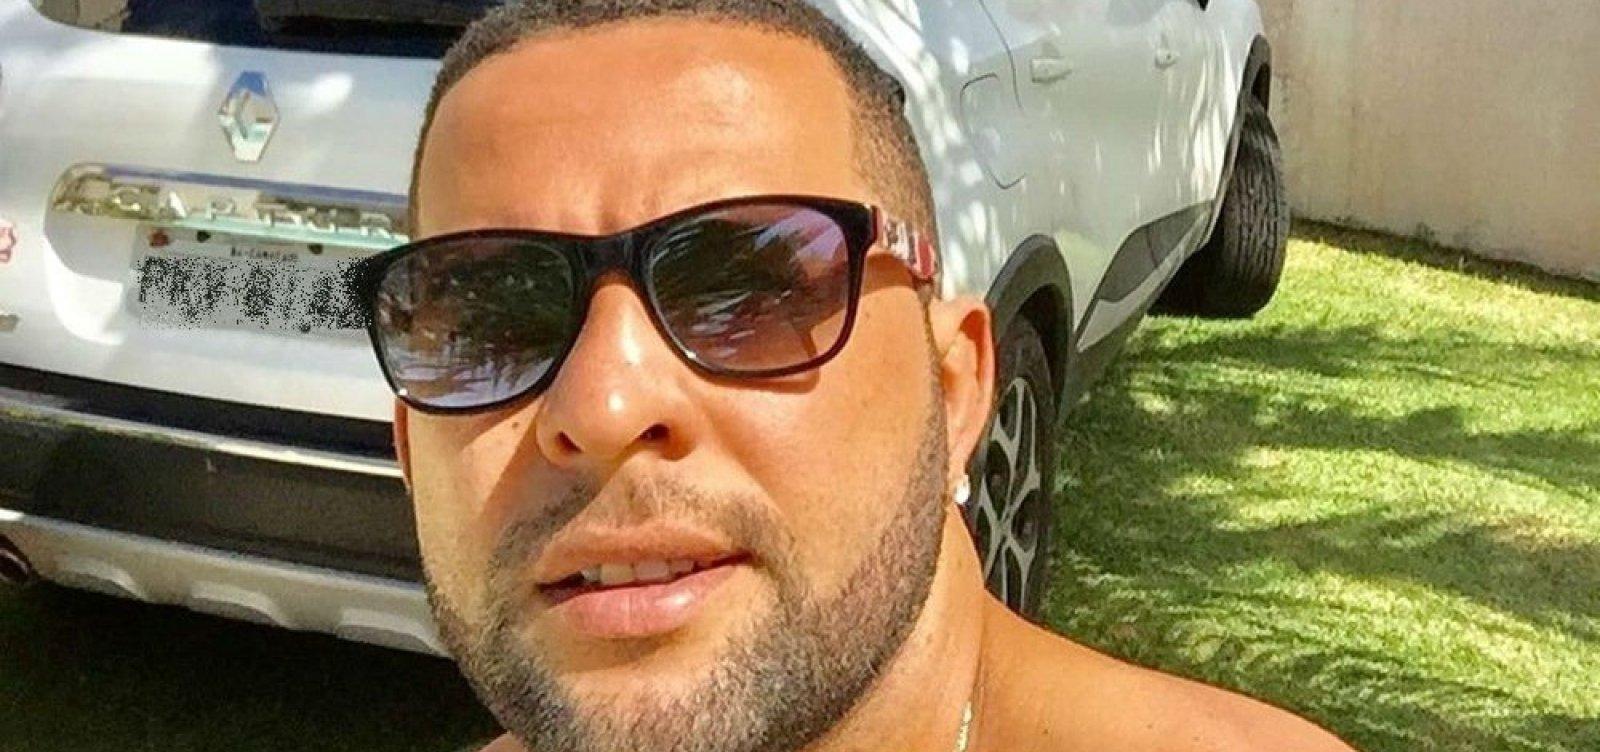 [Camaçari: Polícia identifica três suspeitos de ataque contra homem que beijou companheiro]